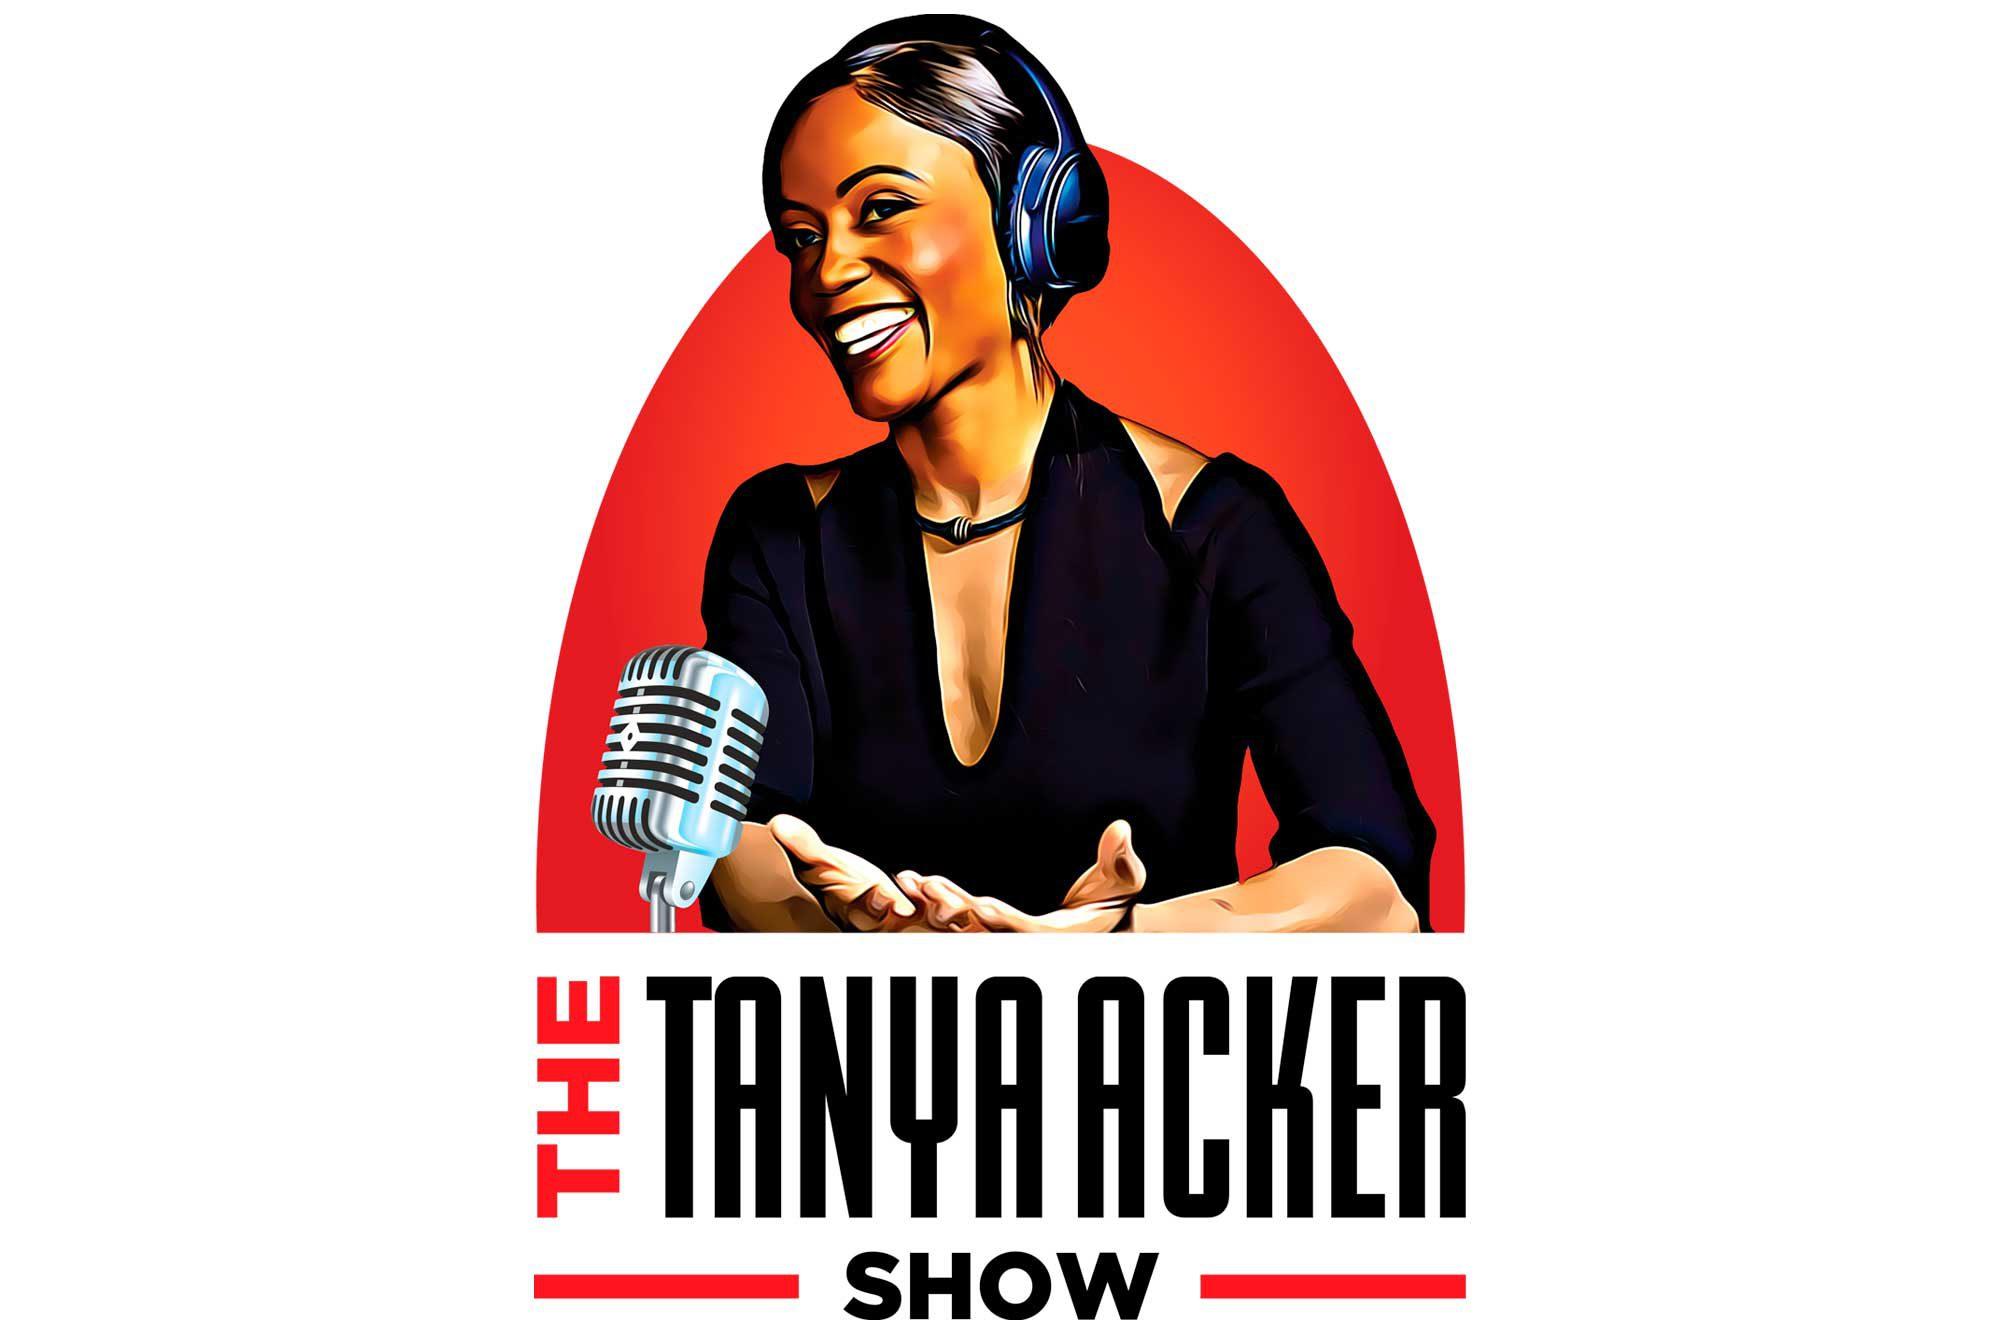 TanyaAcker_RichMarchewka_web